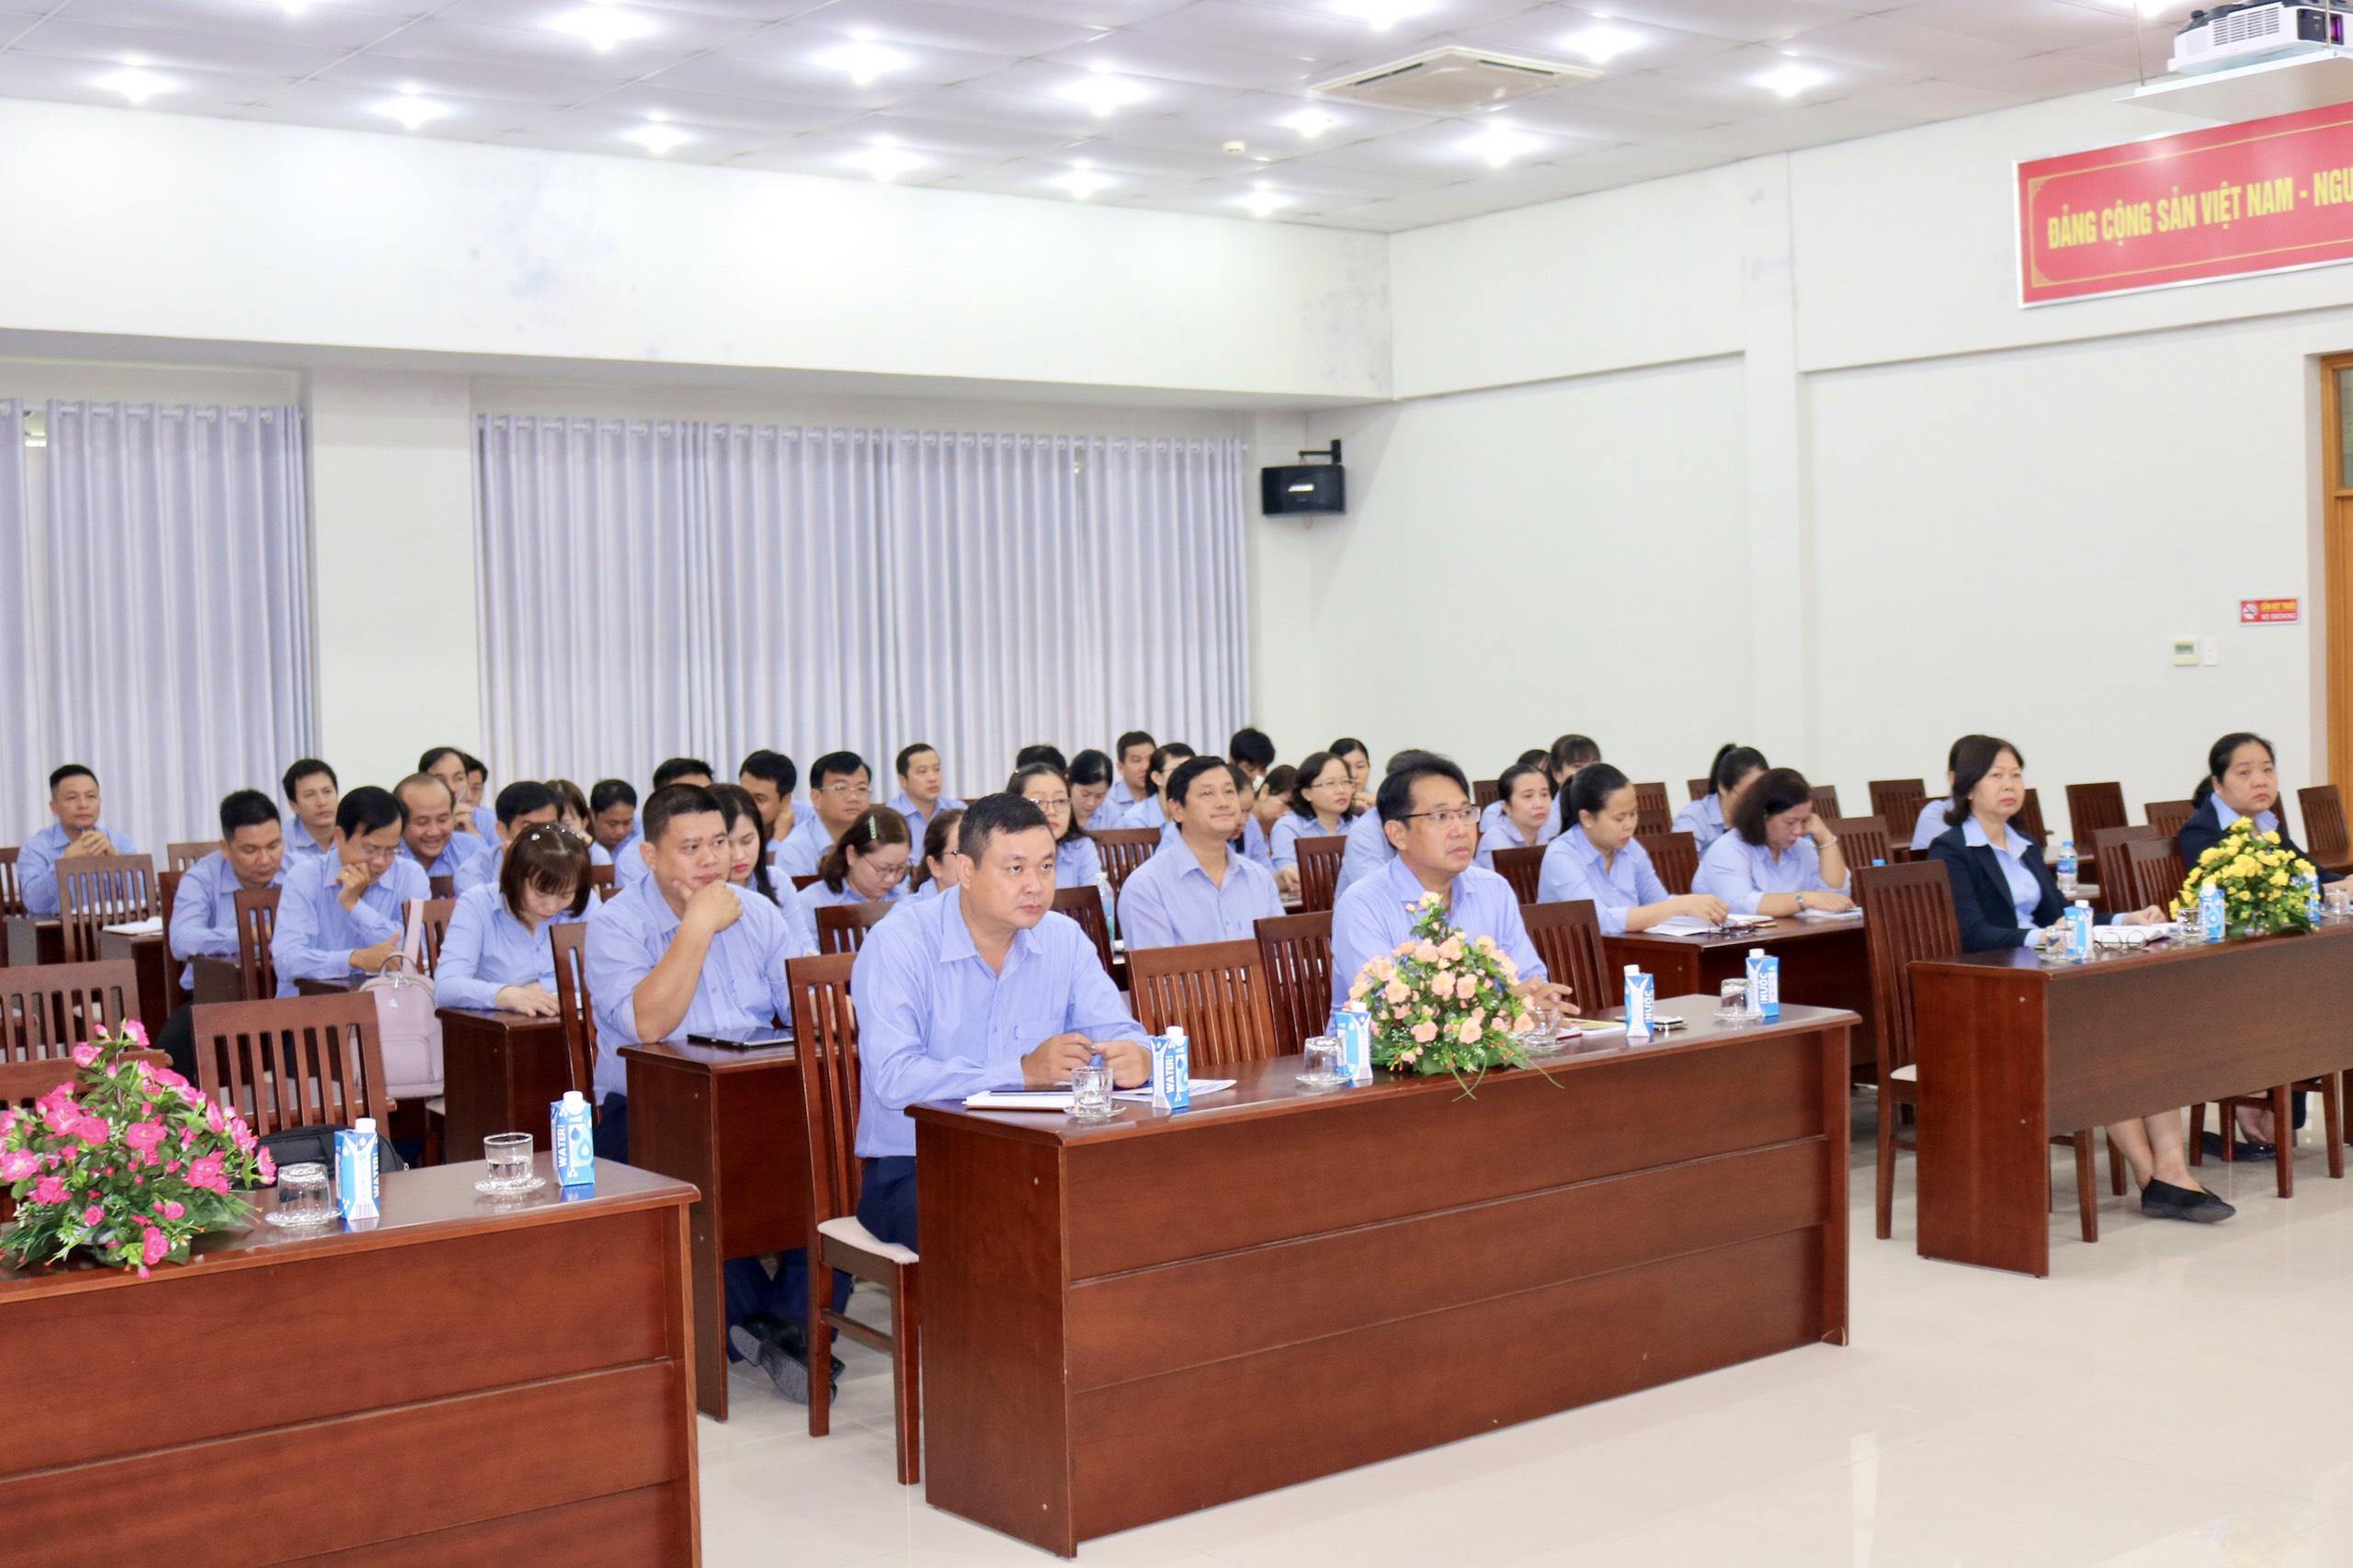 Đảng bộ BIDV Đồng Khởi triển khai Nghị quyết Đại hội Đại biểu Đảng bộ tỉnh Bến Tre lần thứ XI, nhiệm kỳ 2020 - 2025